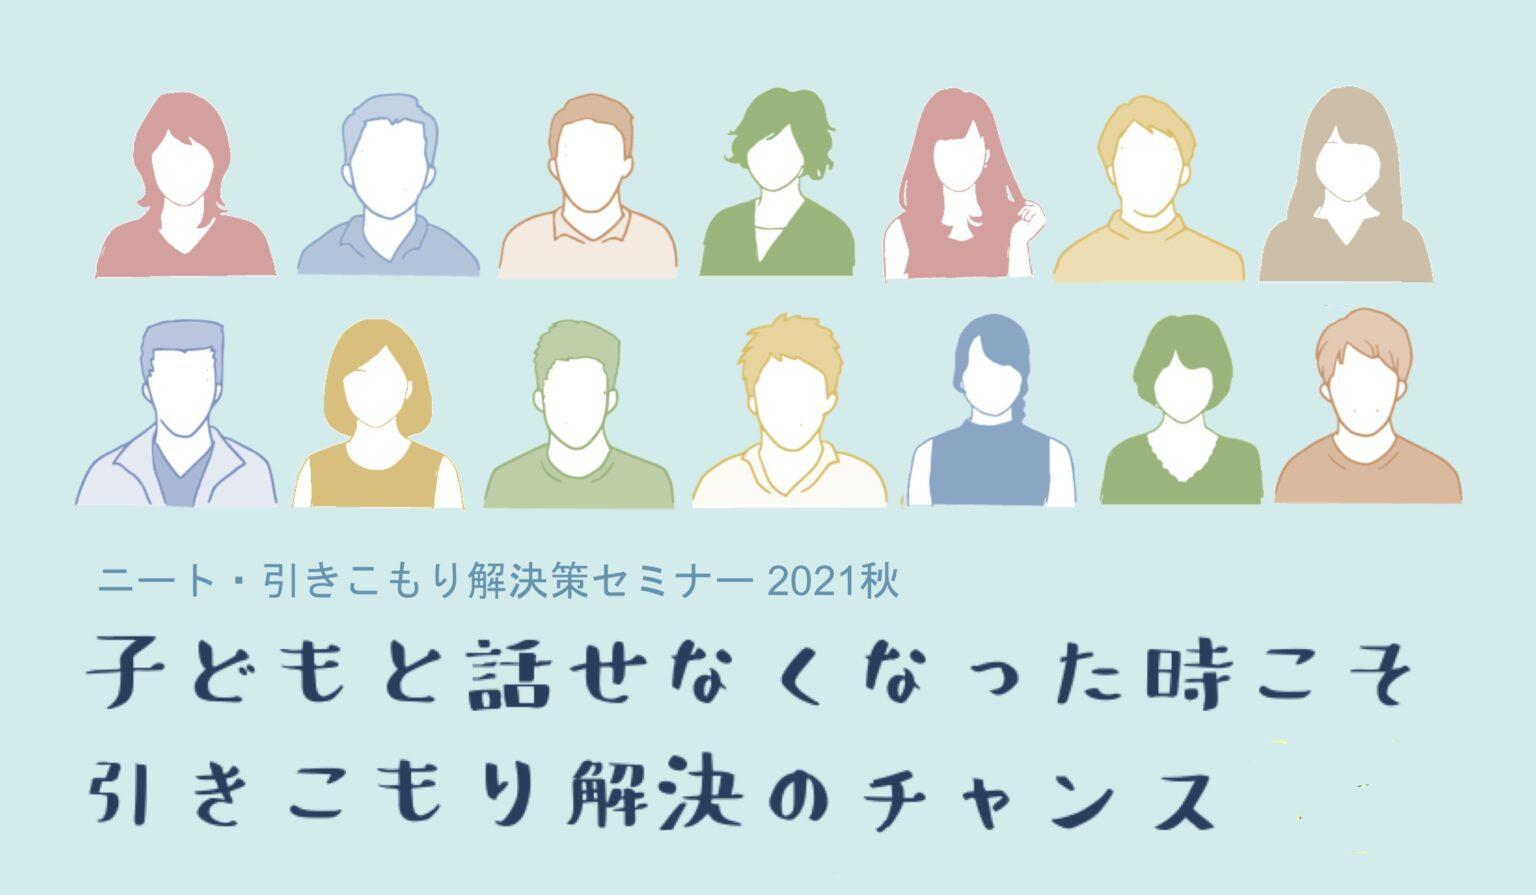 ニート・引きこもり解決策セミナー2021秋 東京・千葉・神奈川・埼玉